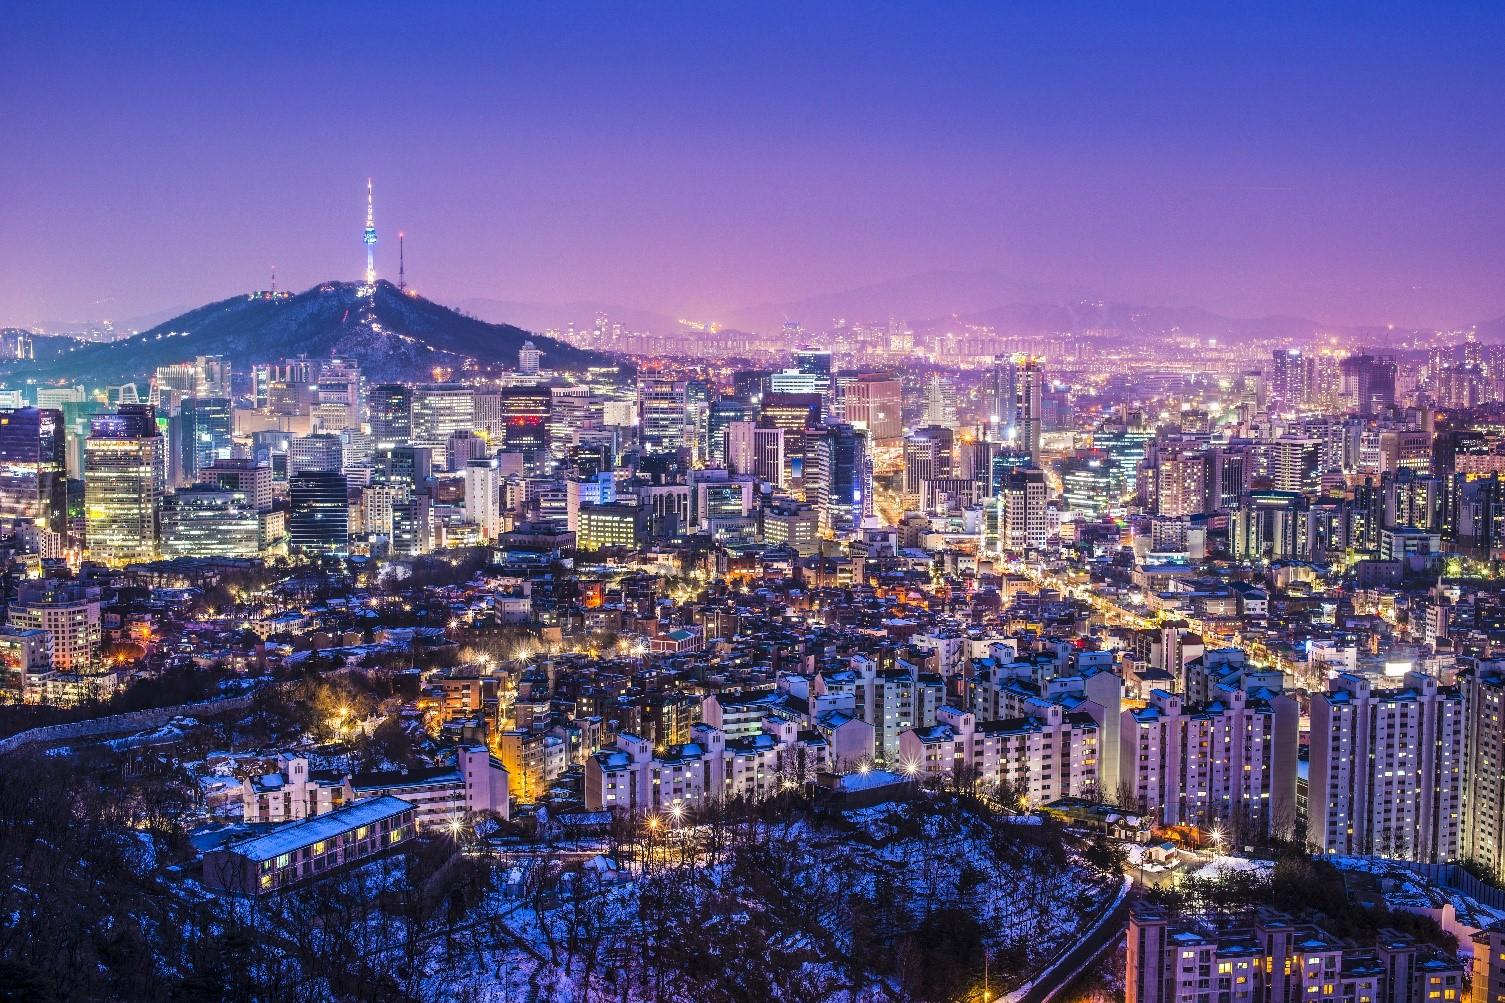 ทัวร์เกาหลี-ปีใหม่-ASIANA-PLUS-+-JOY-WINTER-5D3N-(DEC18-FEB19)